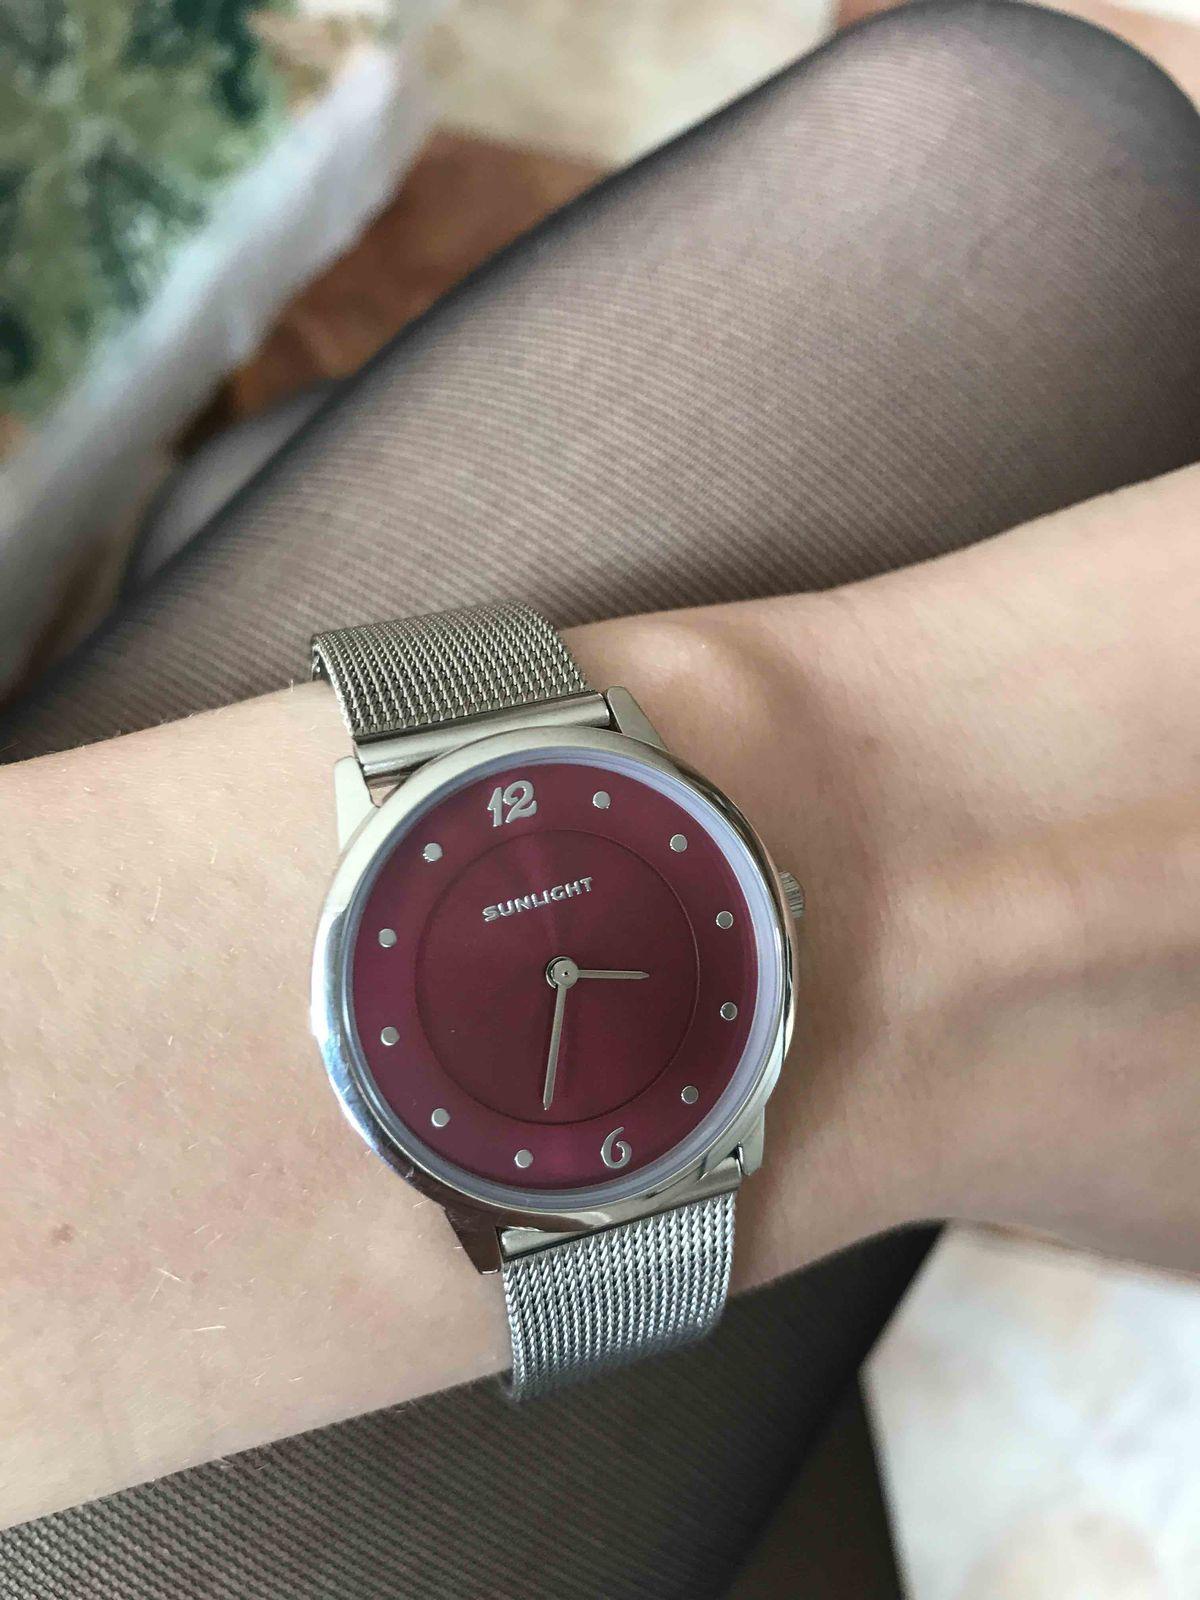 Первые мои часы и такие классные!